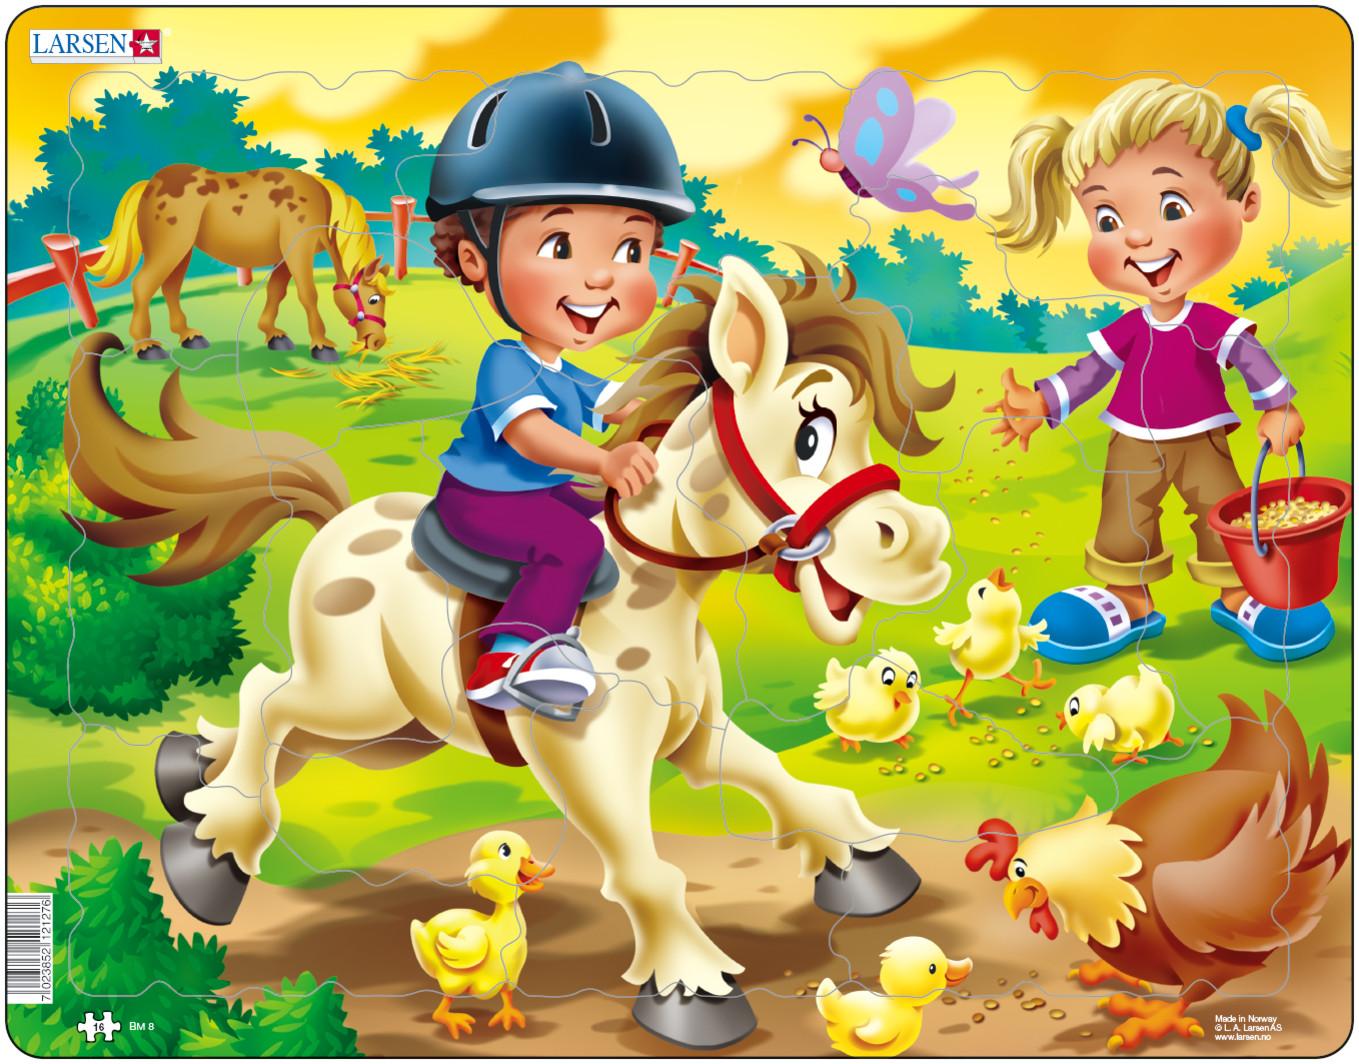 Larsen Пазл Дети на ферме ПониBM8Larsen Дети на ферме. Пони станет отличным развлечением для вашего ребенка. Удивительный по красоте пазл расскажет малышу о жизни на веселой ферме. На готовом изображении представлен мальчик, катающийся на пони, а также множество дополнительных деталей и персонажей, которые делают сборку пазла еще более увлекательным занятием. Выполненные из высококачественного трехслойного картона, пазлы Larsen не деформируются. Все пазлы снабжены специальной подложкой, благодаря чему их удобно собирать. Игра с пазлами благоприятно влияет на развитие ребенка. Веселая игра сопровождается манипуляциями с мелкими предметами, сопоставлением и сложением деталей, в результате чего развивается сенсорное восприятие и мелкая моторика. Порадуйте своего малыша таким замечательным подарком!